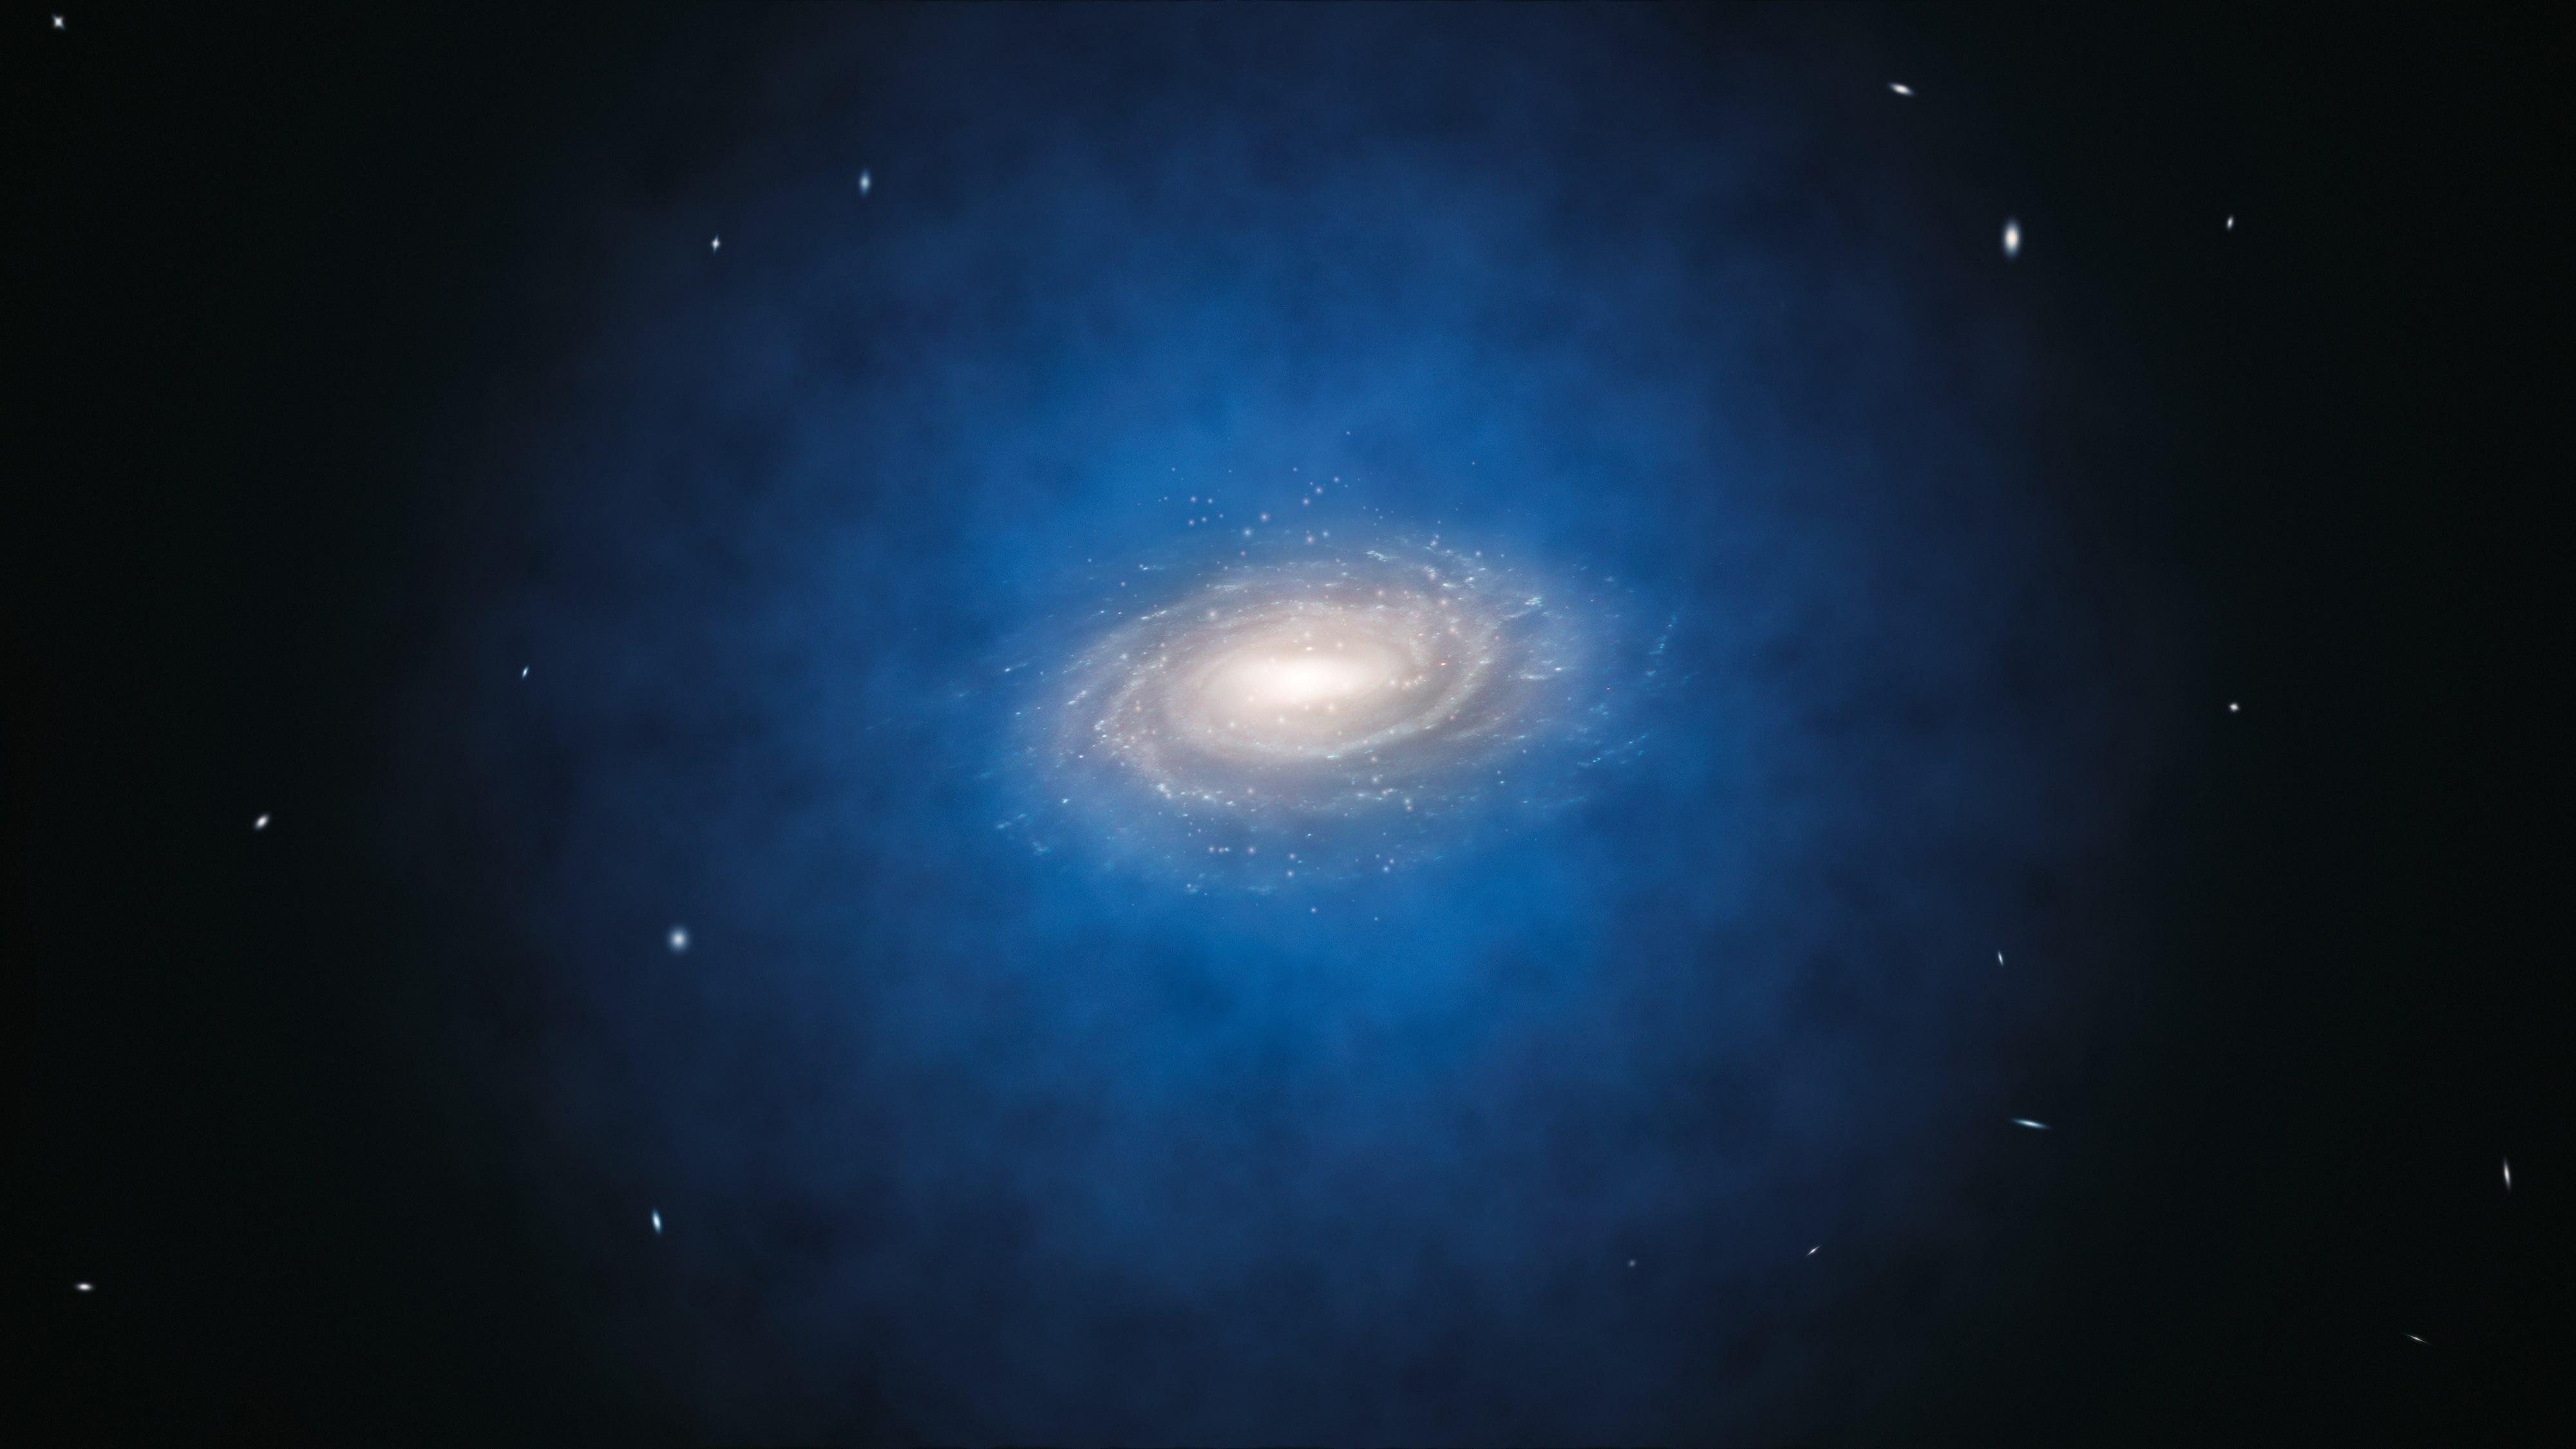 Observaciones del Universo reafirman la existencia de materia y energía oscura